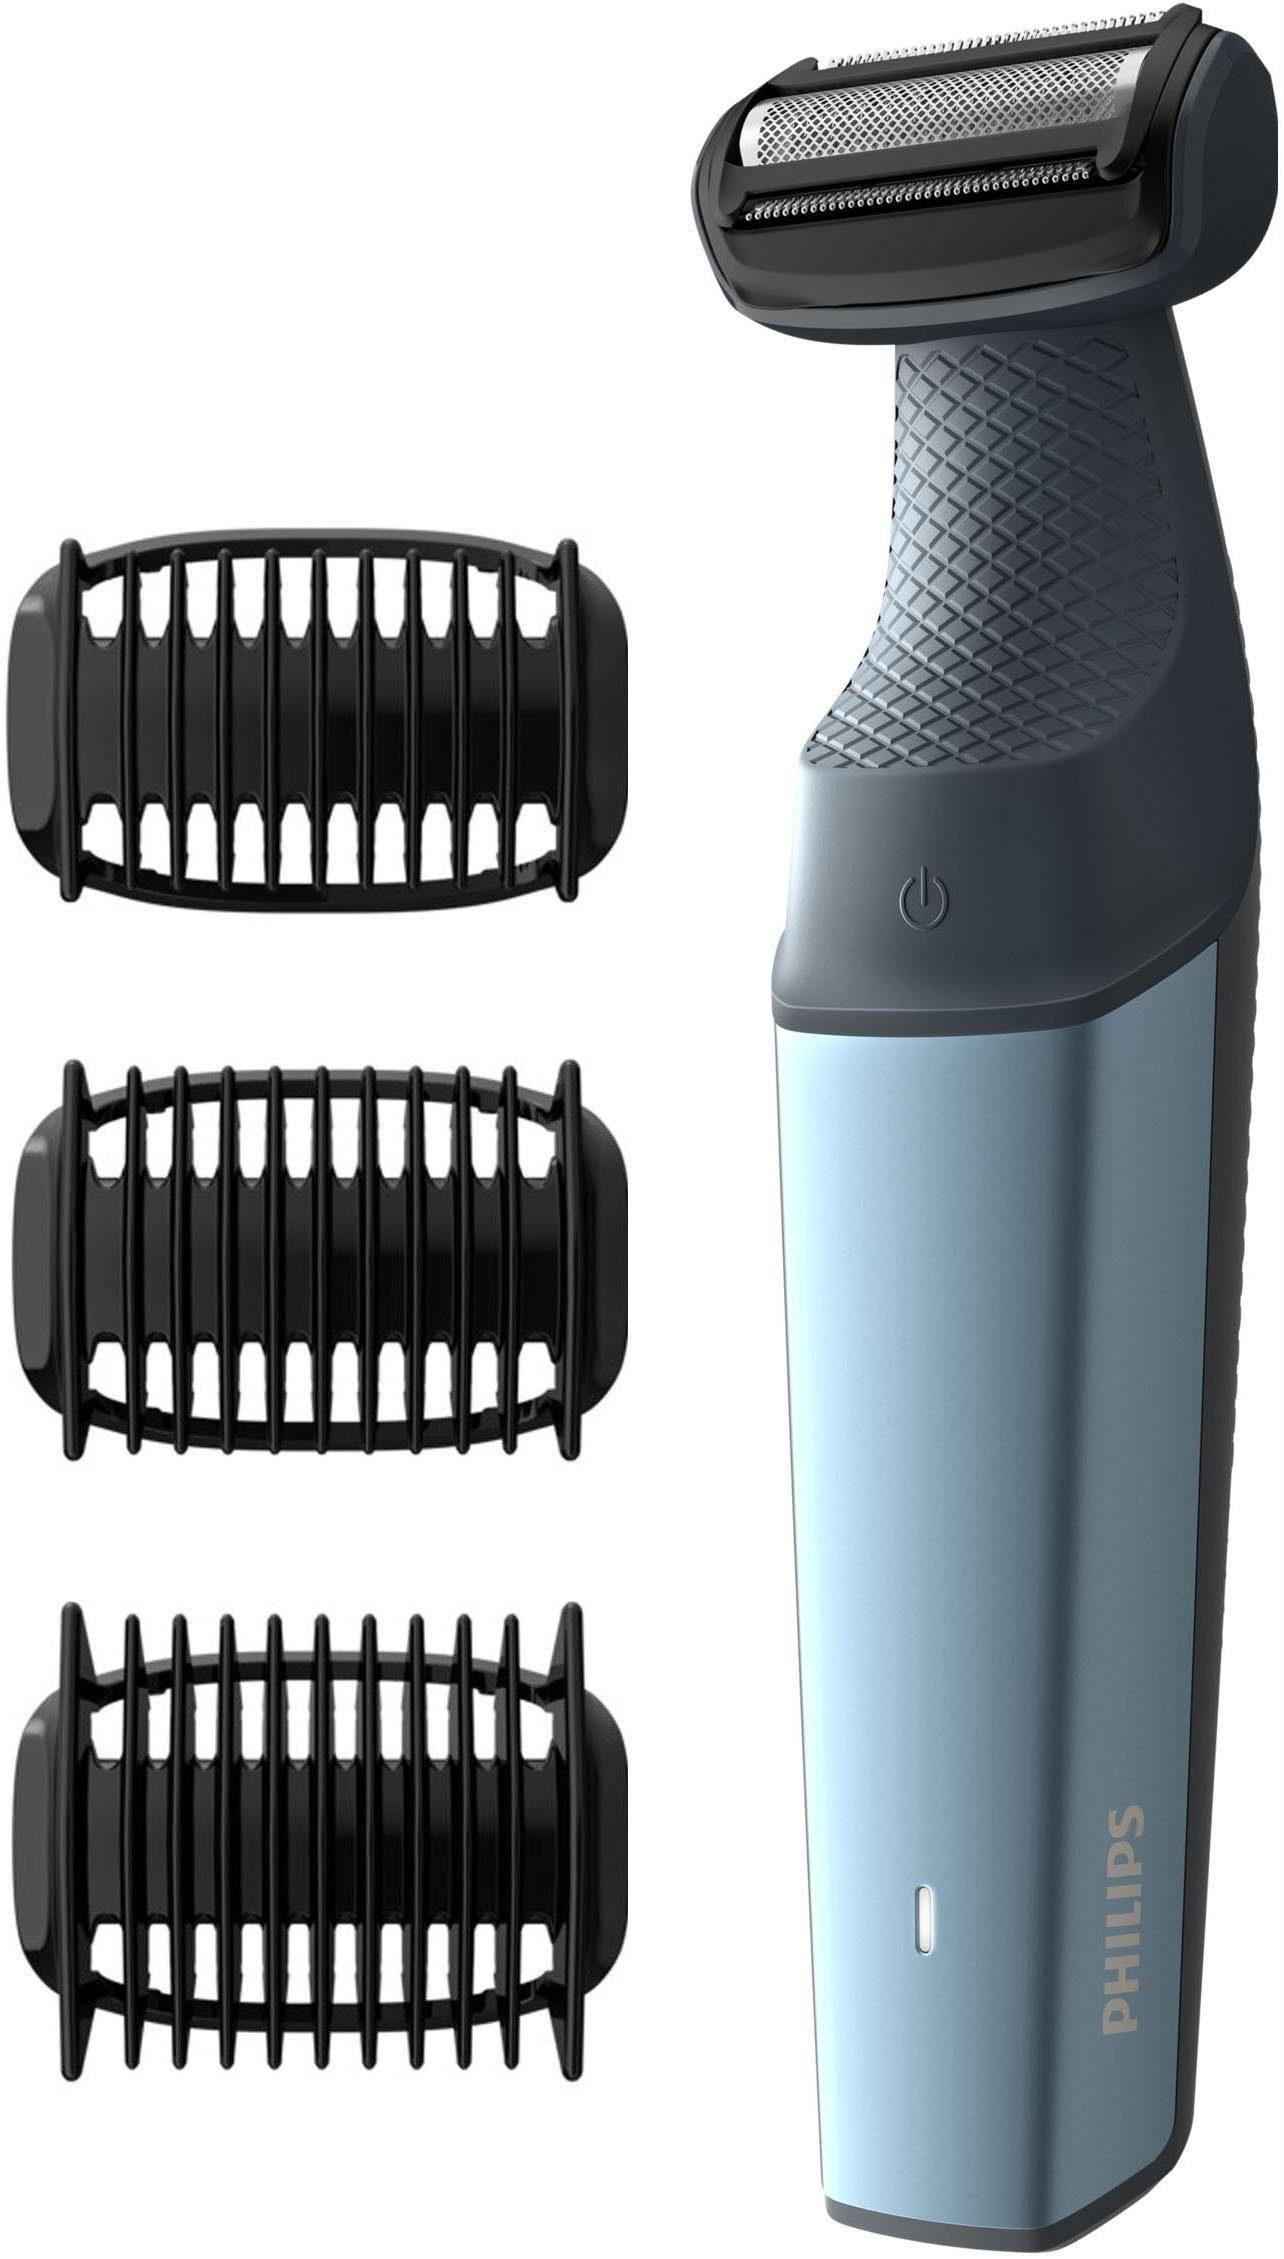 Philips Männerkörper-Rasierer Series 3000 BG3015/15, Bodygroom mit 3 Trimmaufsätzen